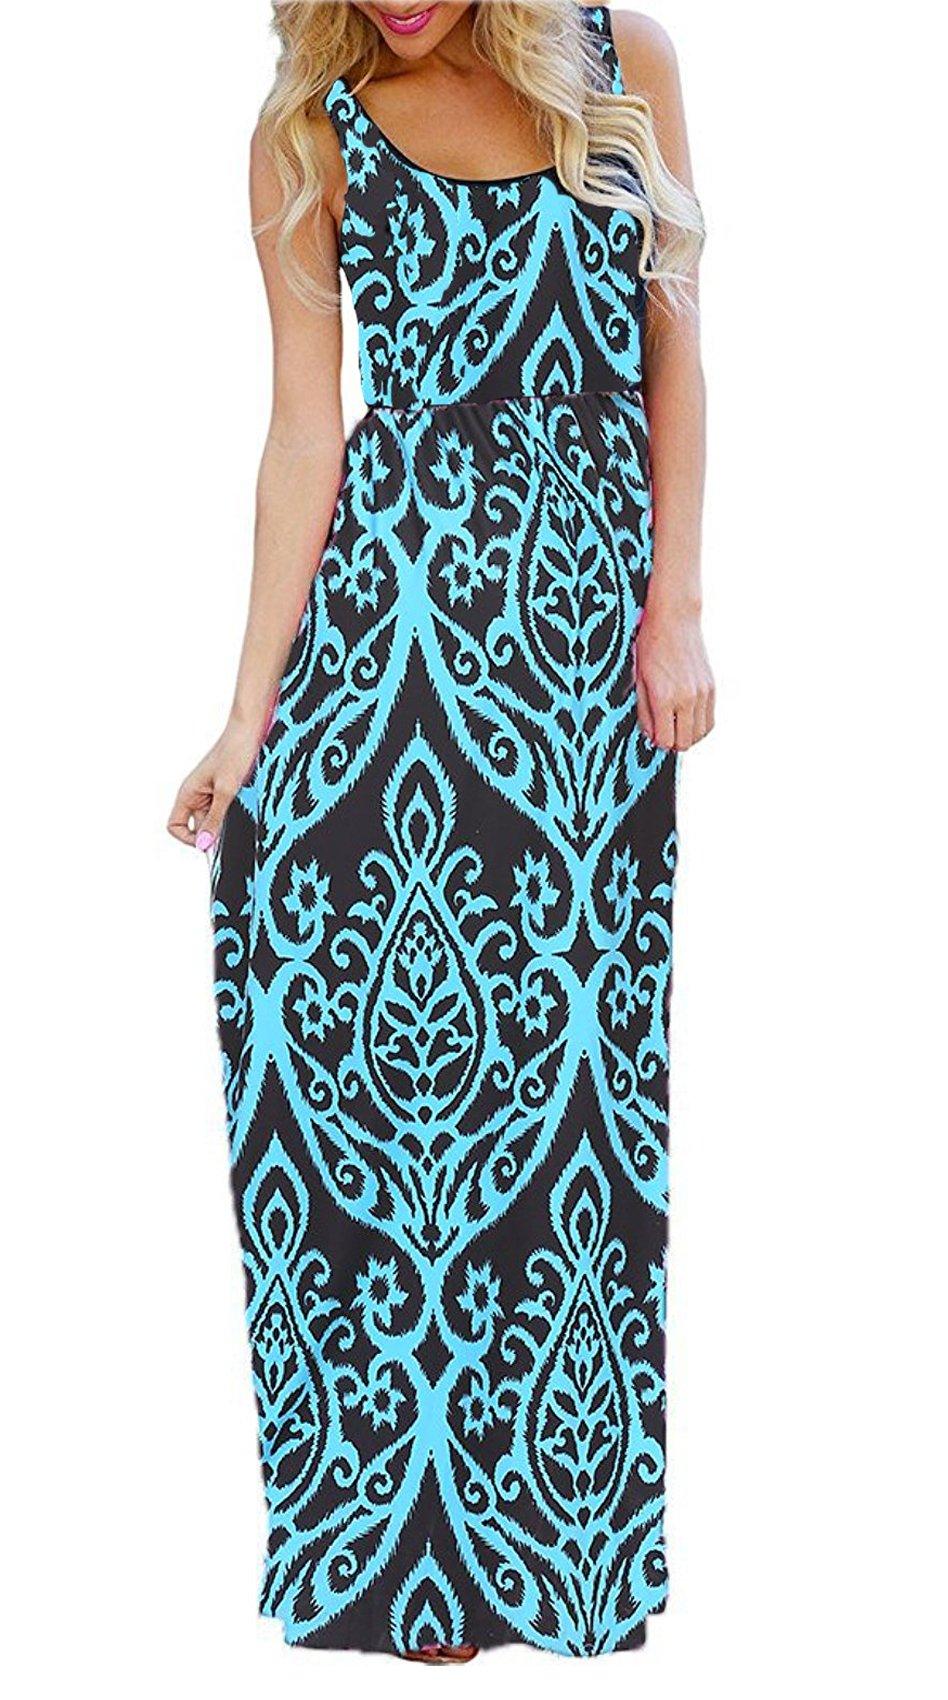 BLUETIME Sundresses for Women Casual Summer Vintage Floral Print Maxi Long Dress Blue L